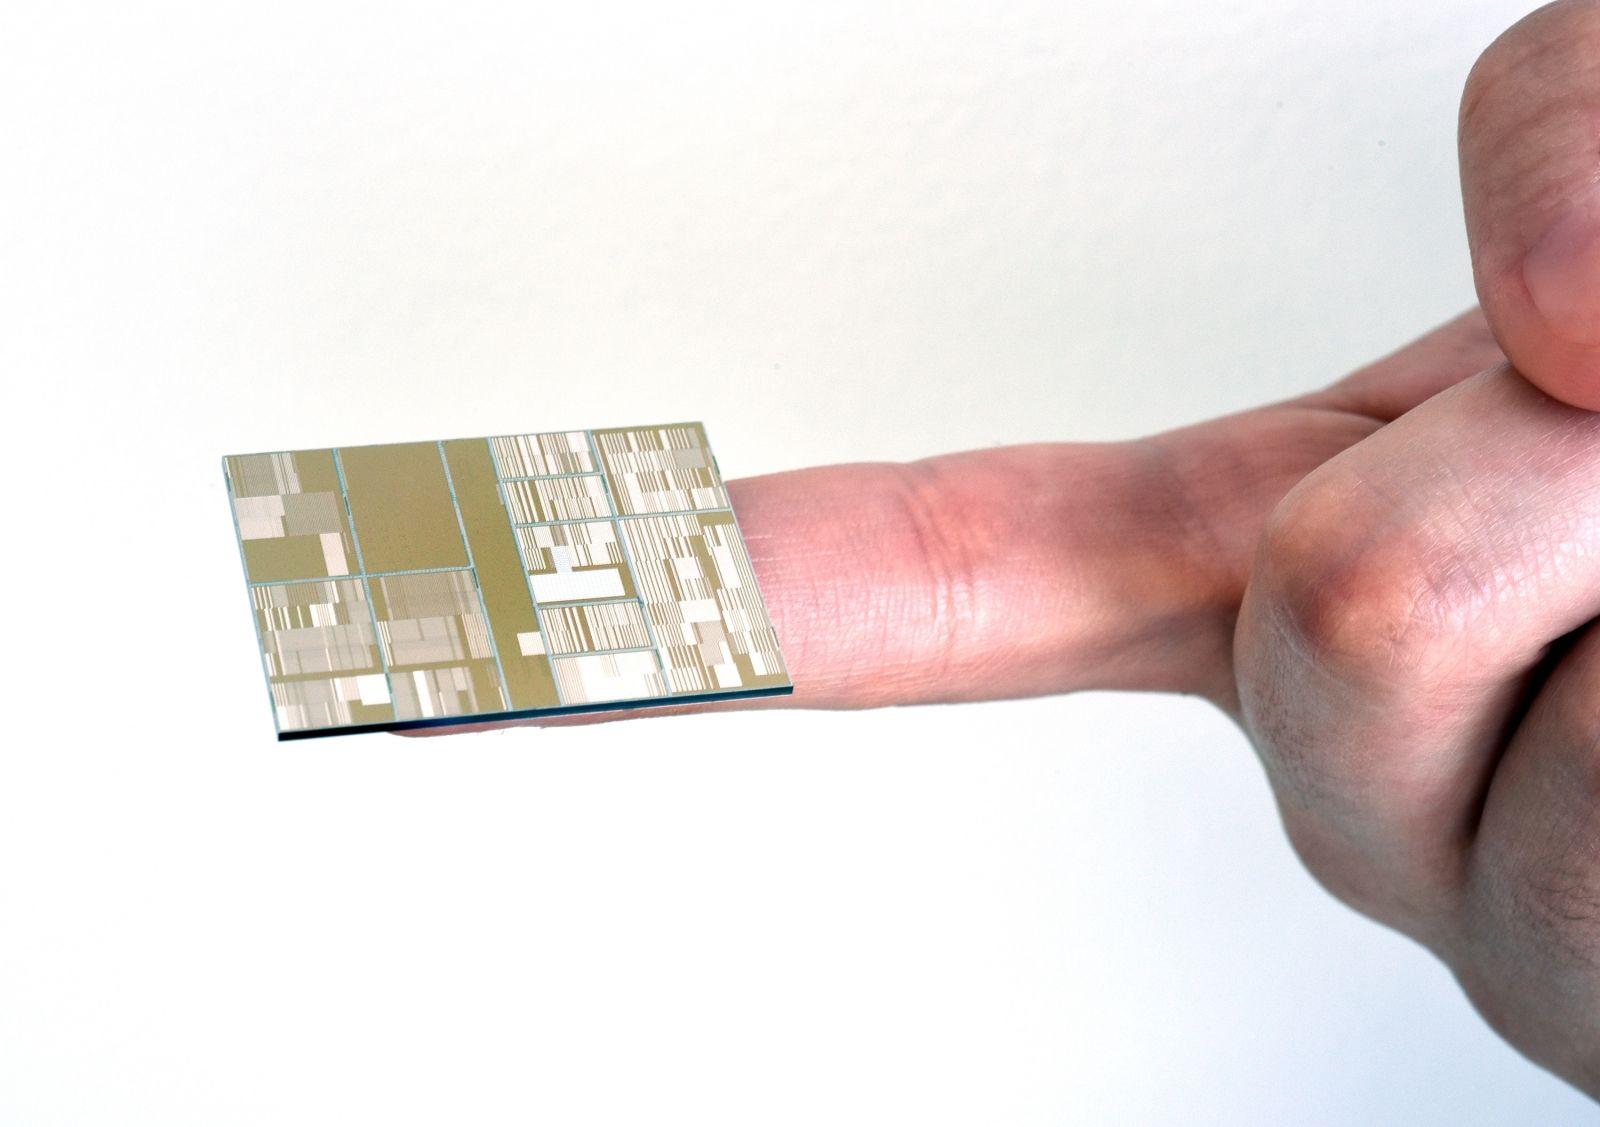 World's smallest nano chips